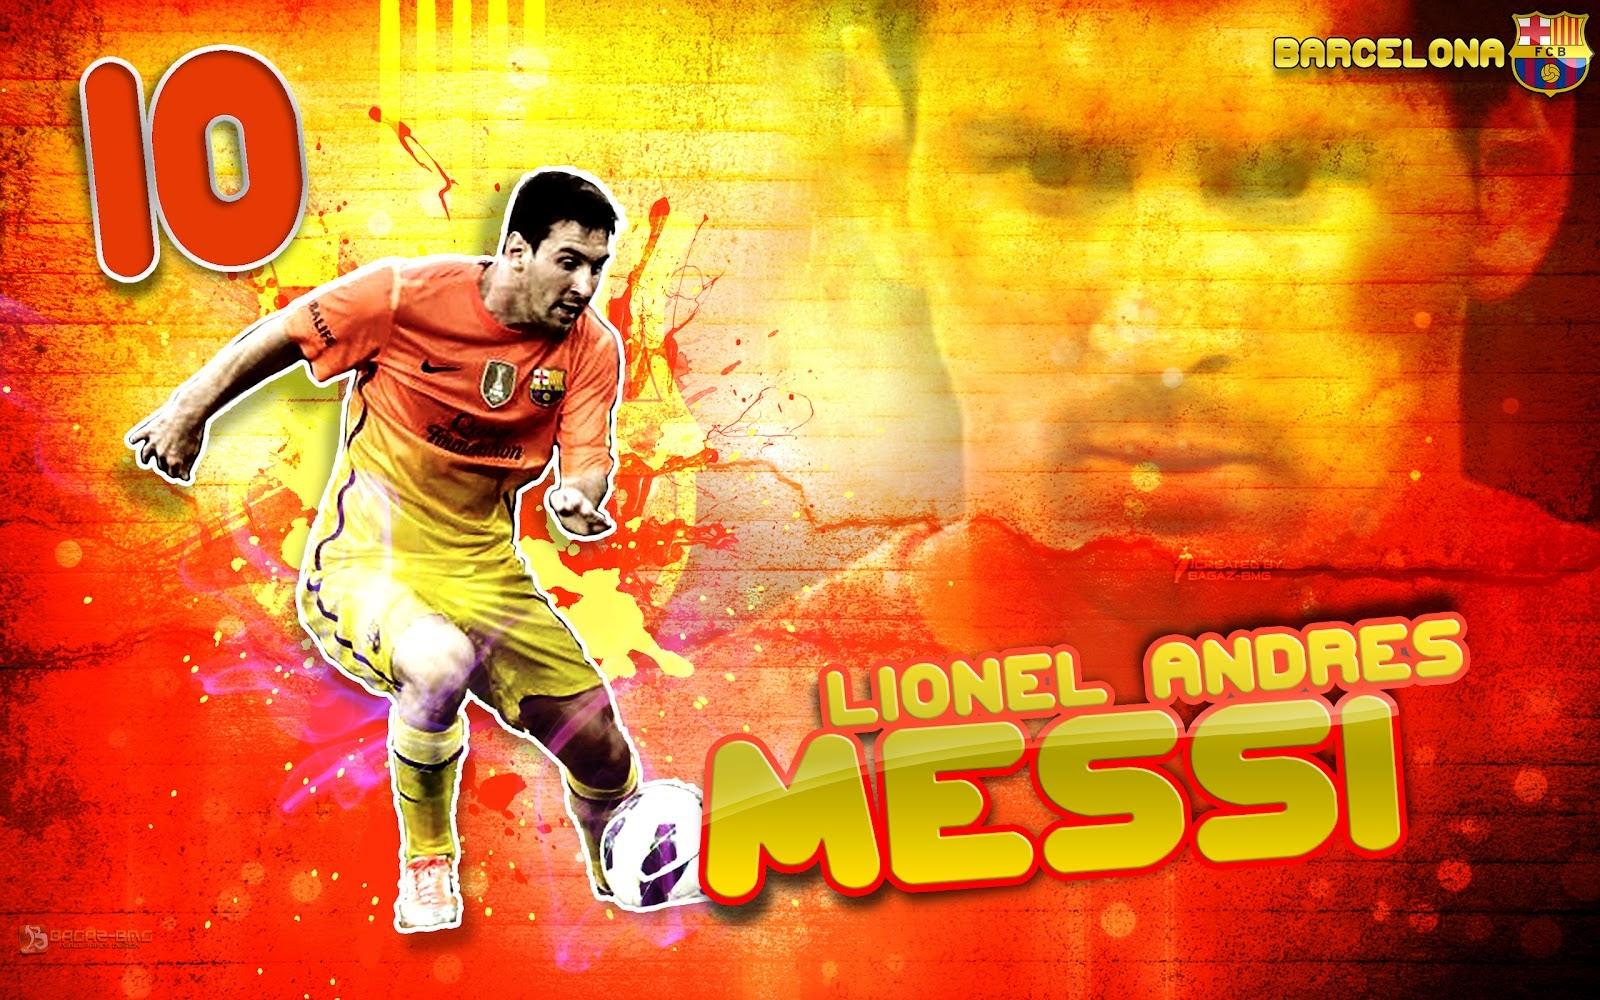 Leo Messi FC Barcelona HD Wallpapers 2014 2015 Cules de fc Barcelona 1600x1000